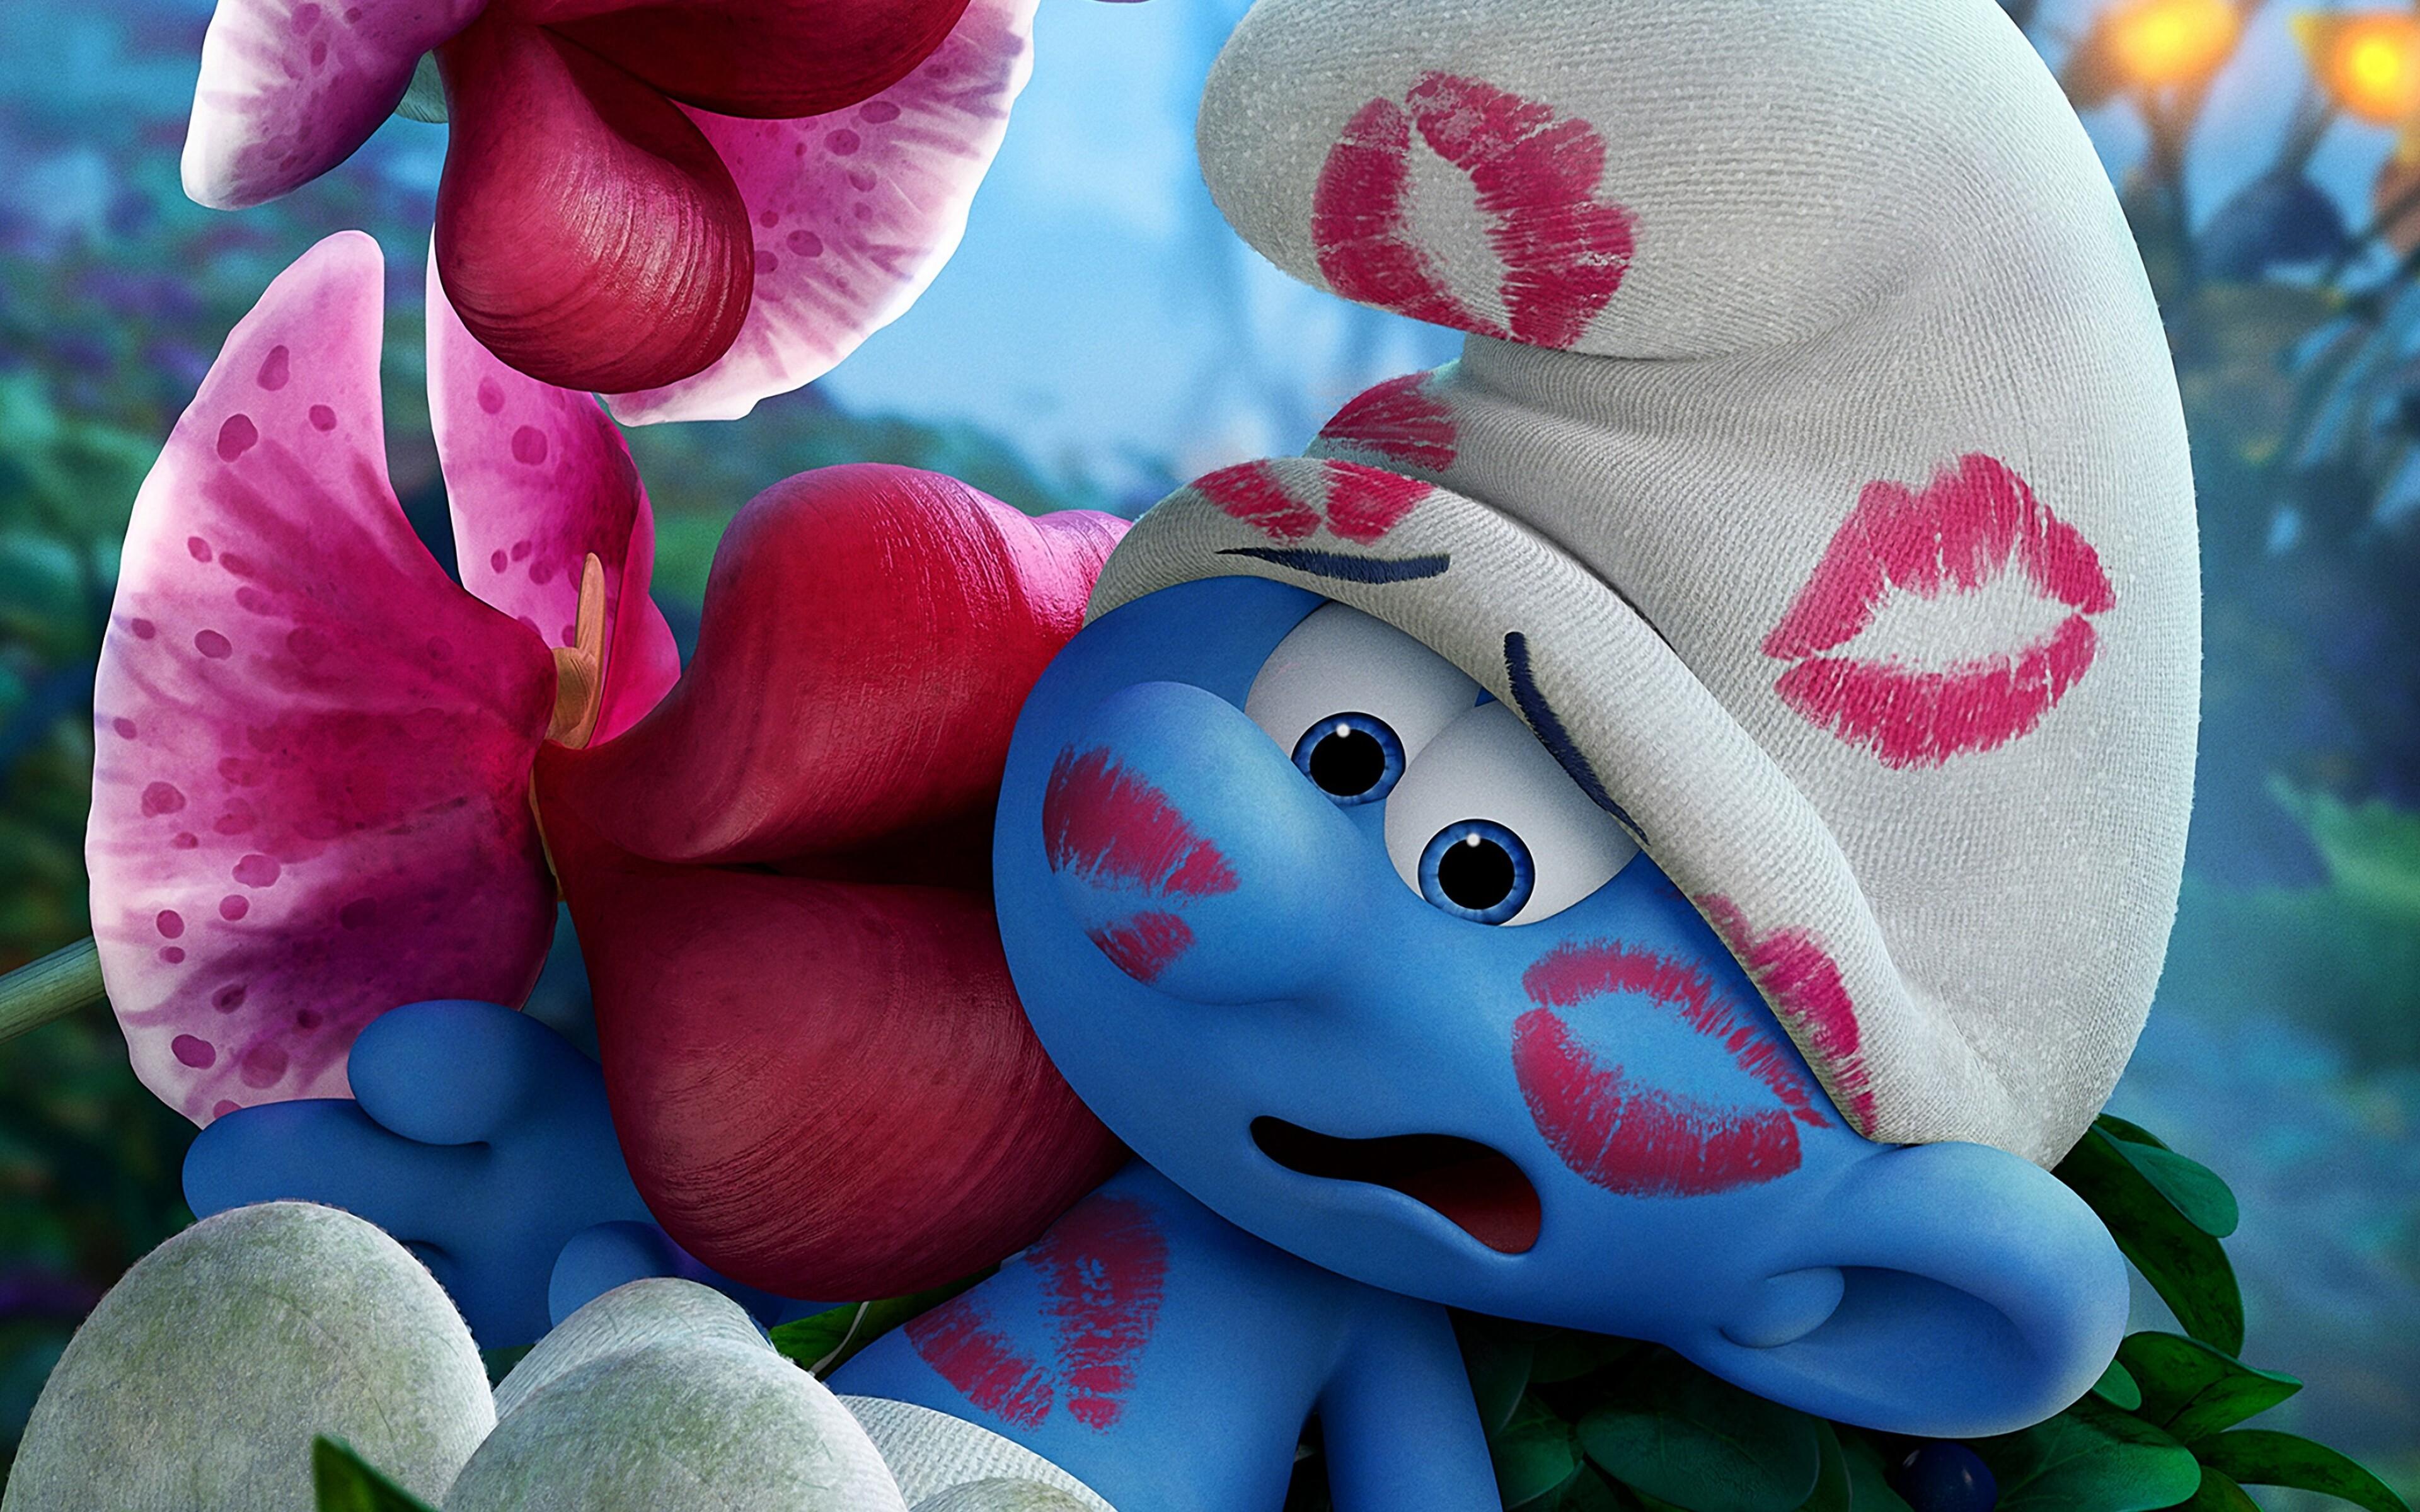 smurfs-the-lost-village-movie-4k.jpg